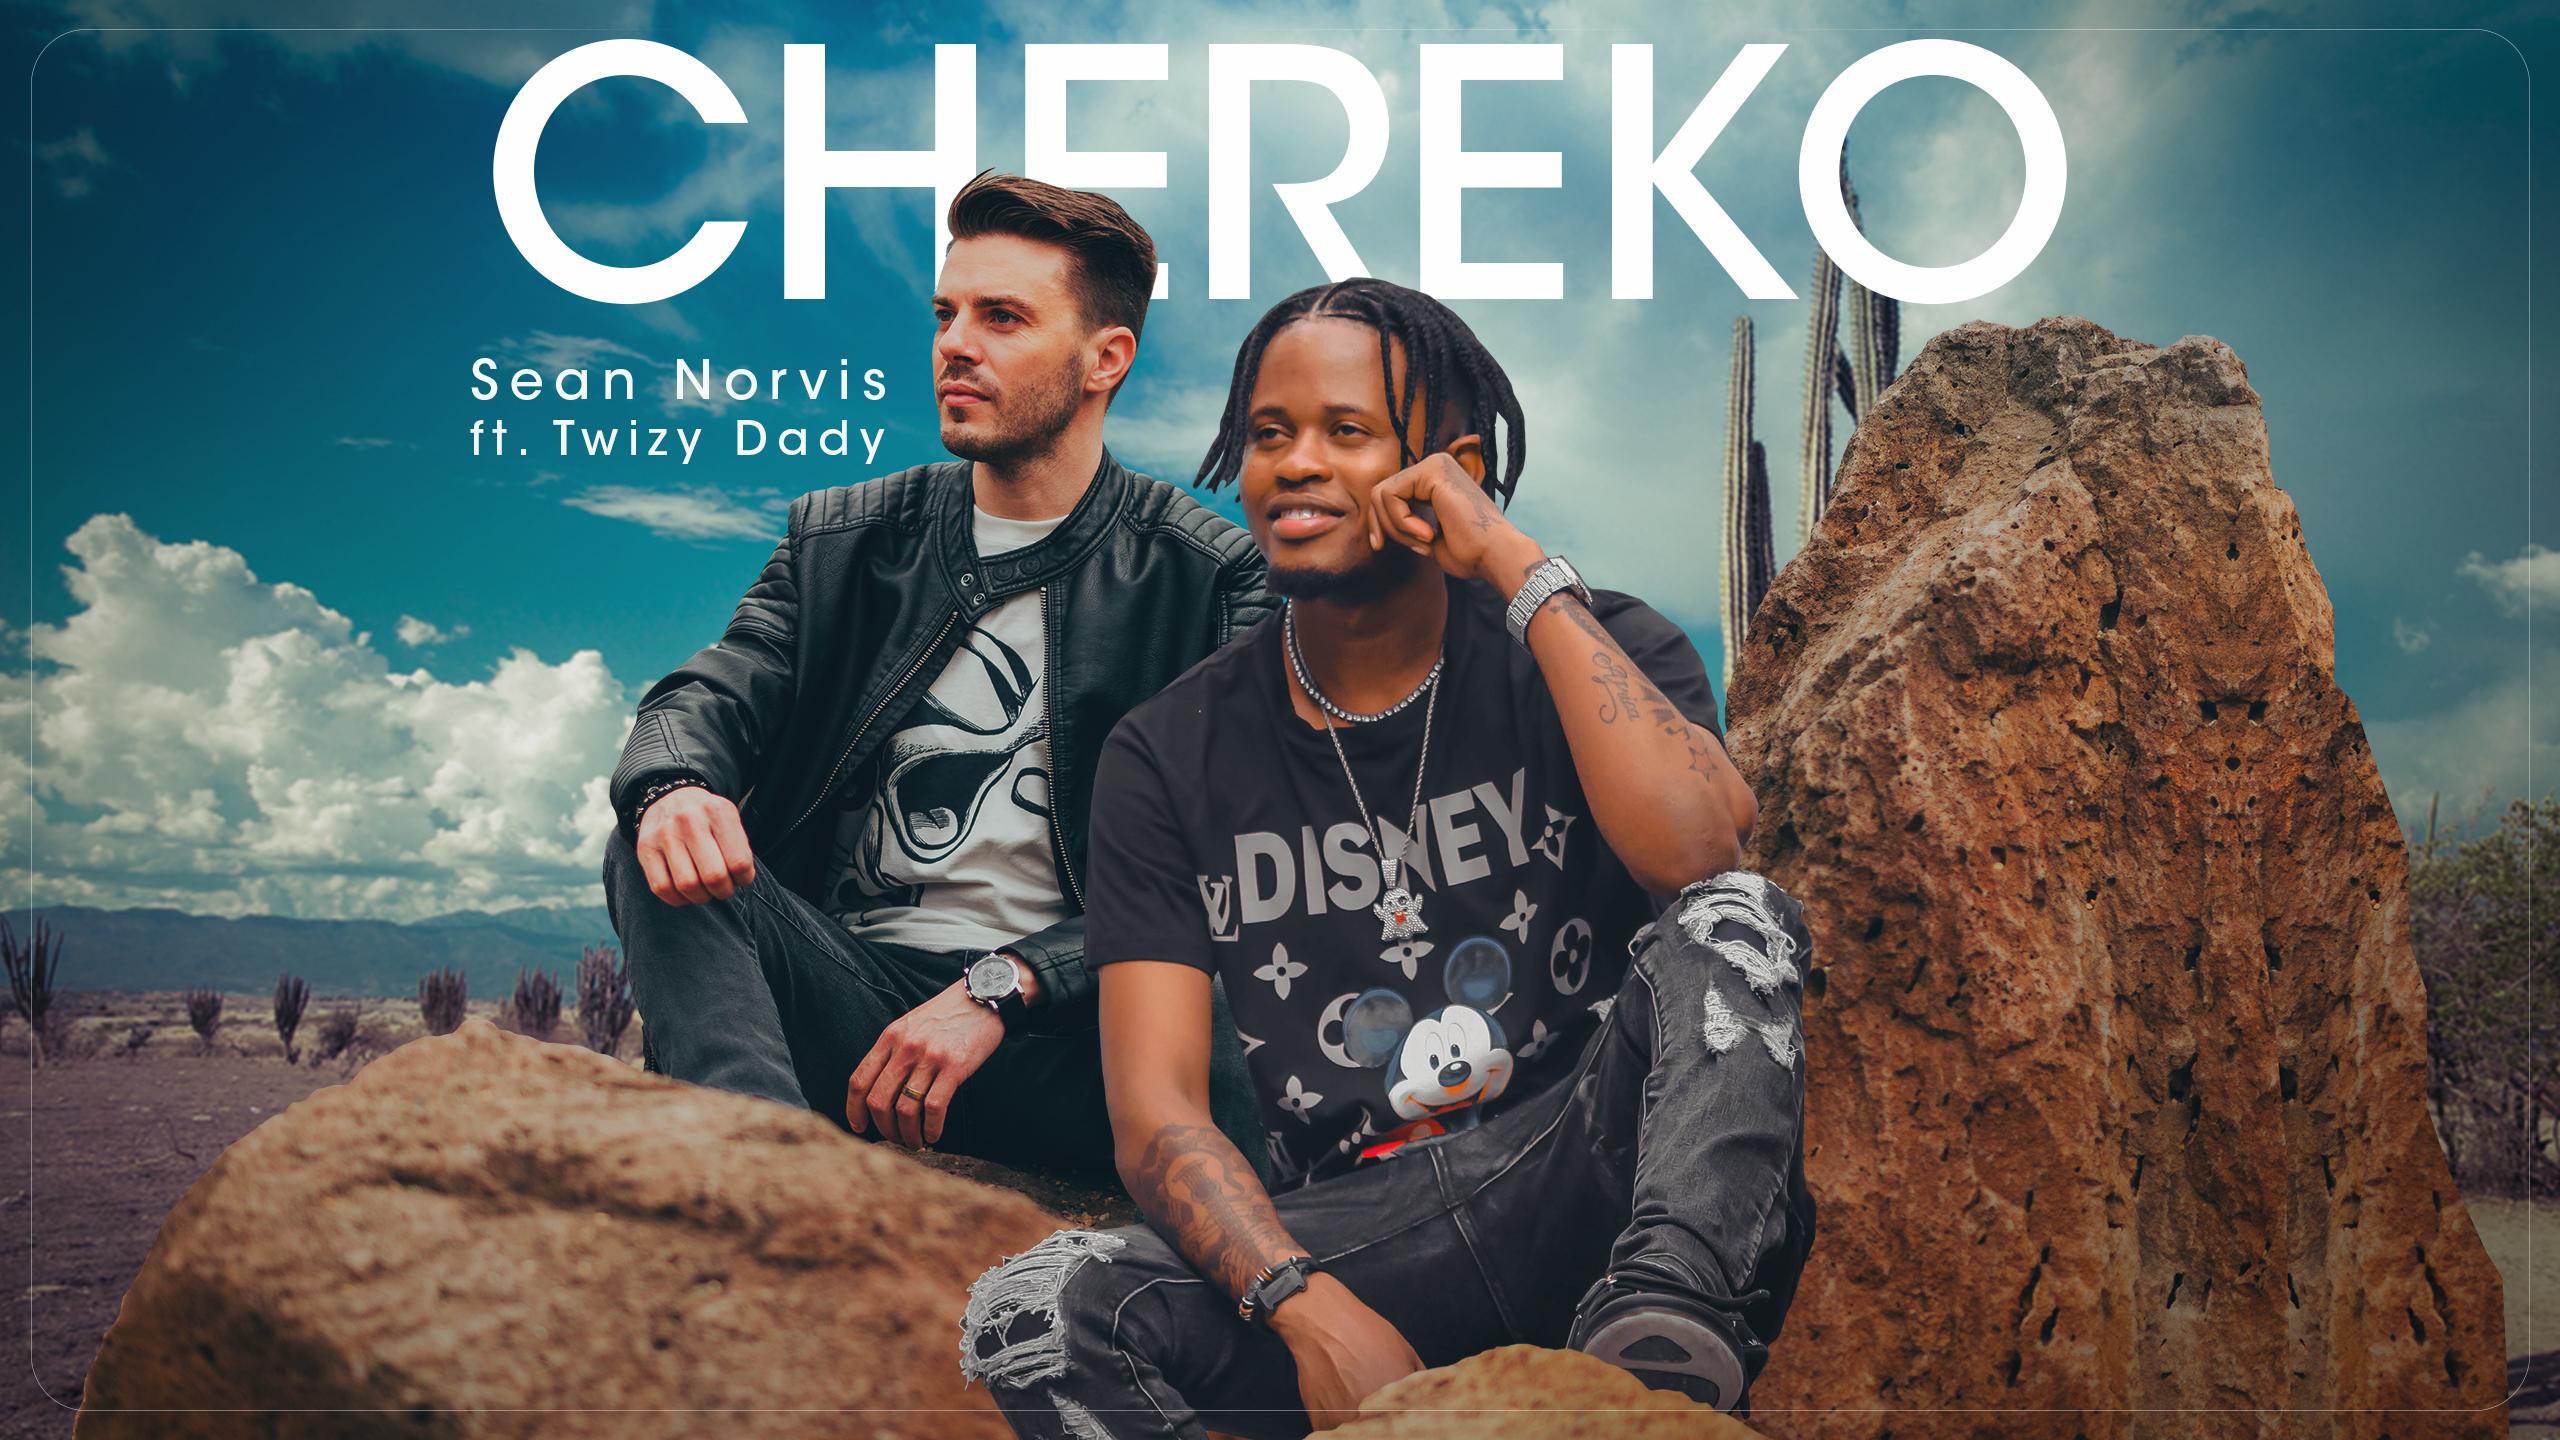 Sean Norvis lansează Chereko, alături de Twizy Dady